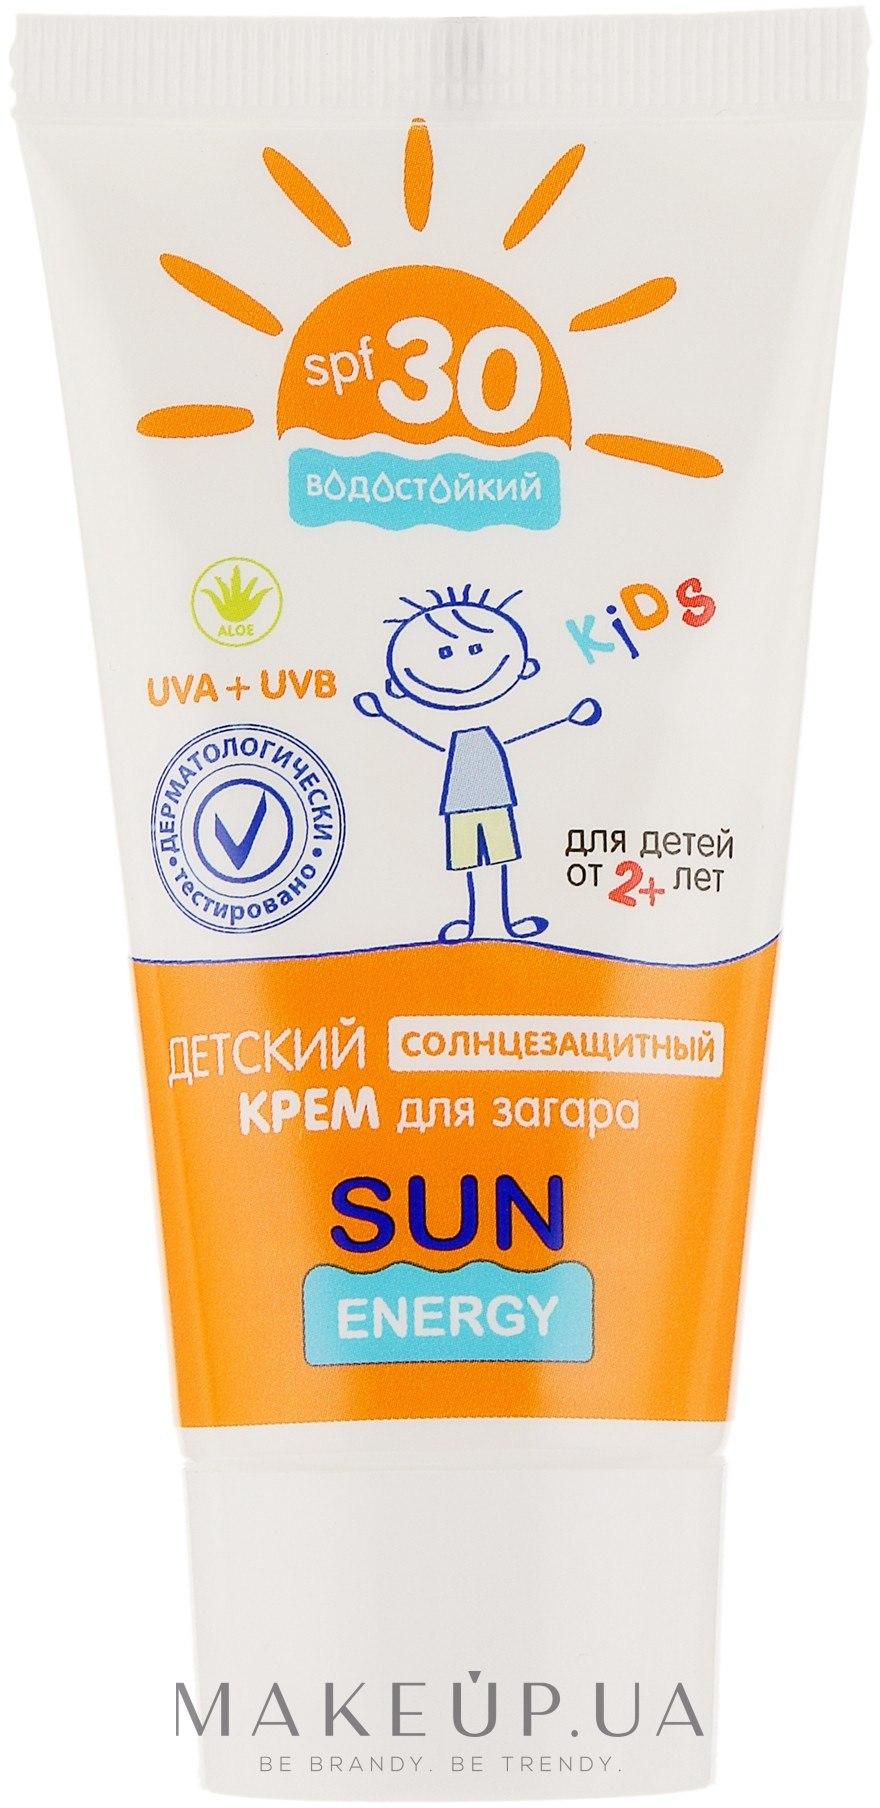 Солнцезащитные средства: 5 советов для мам и малышей. как защитить кожу ребенка от солнца